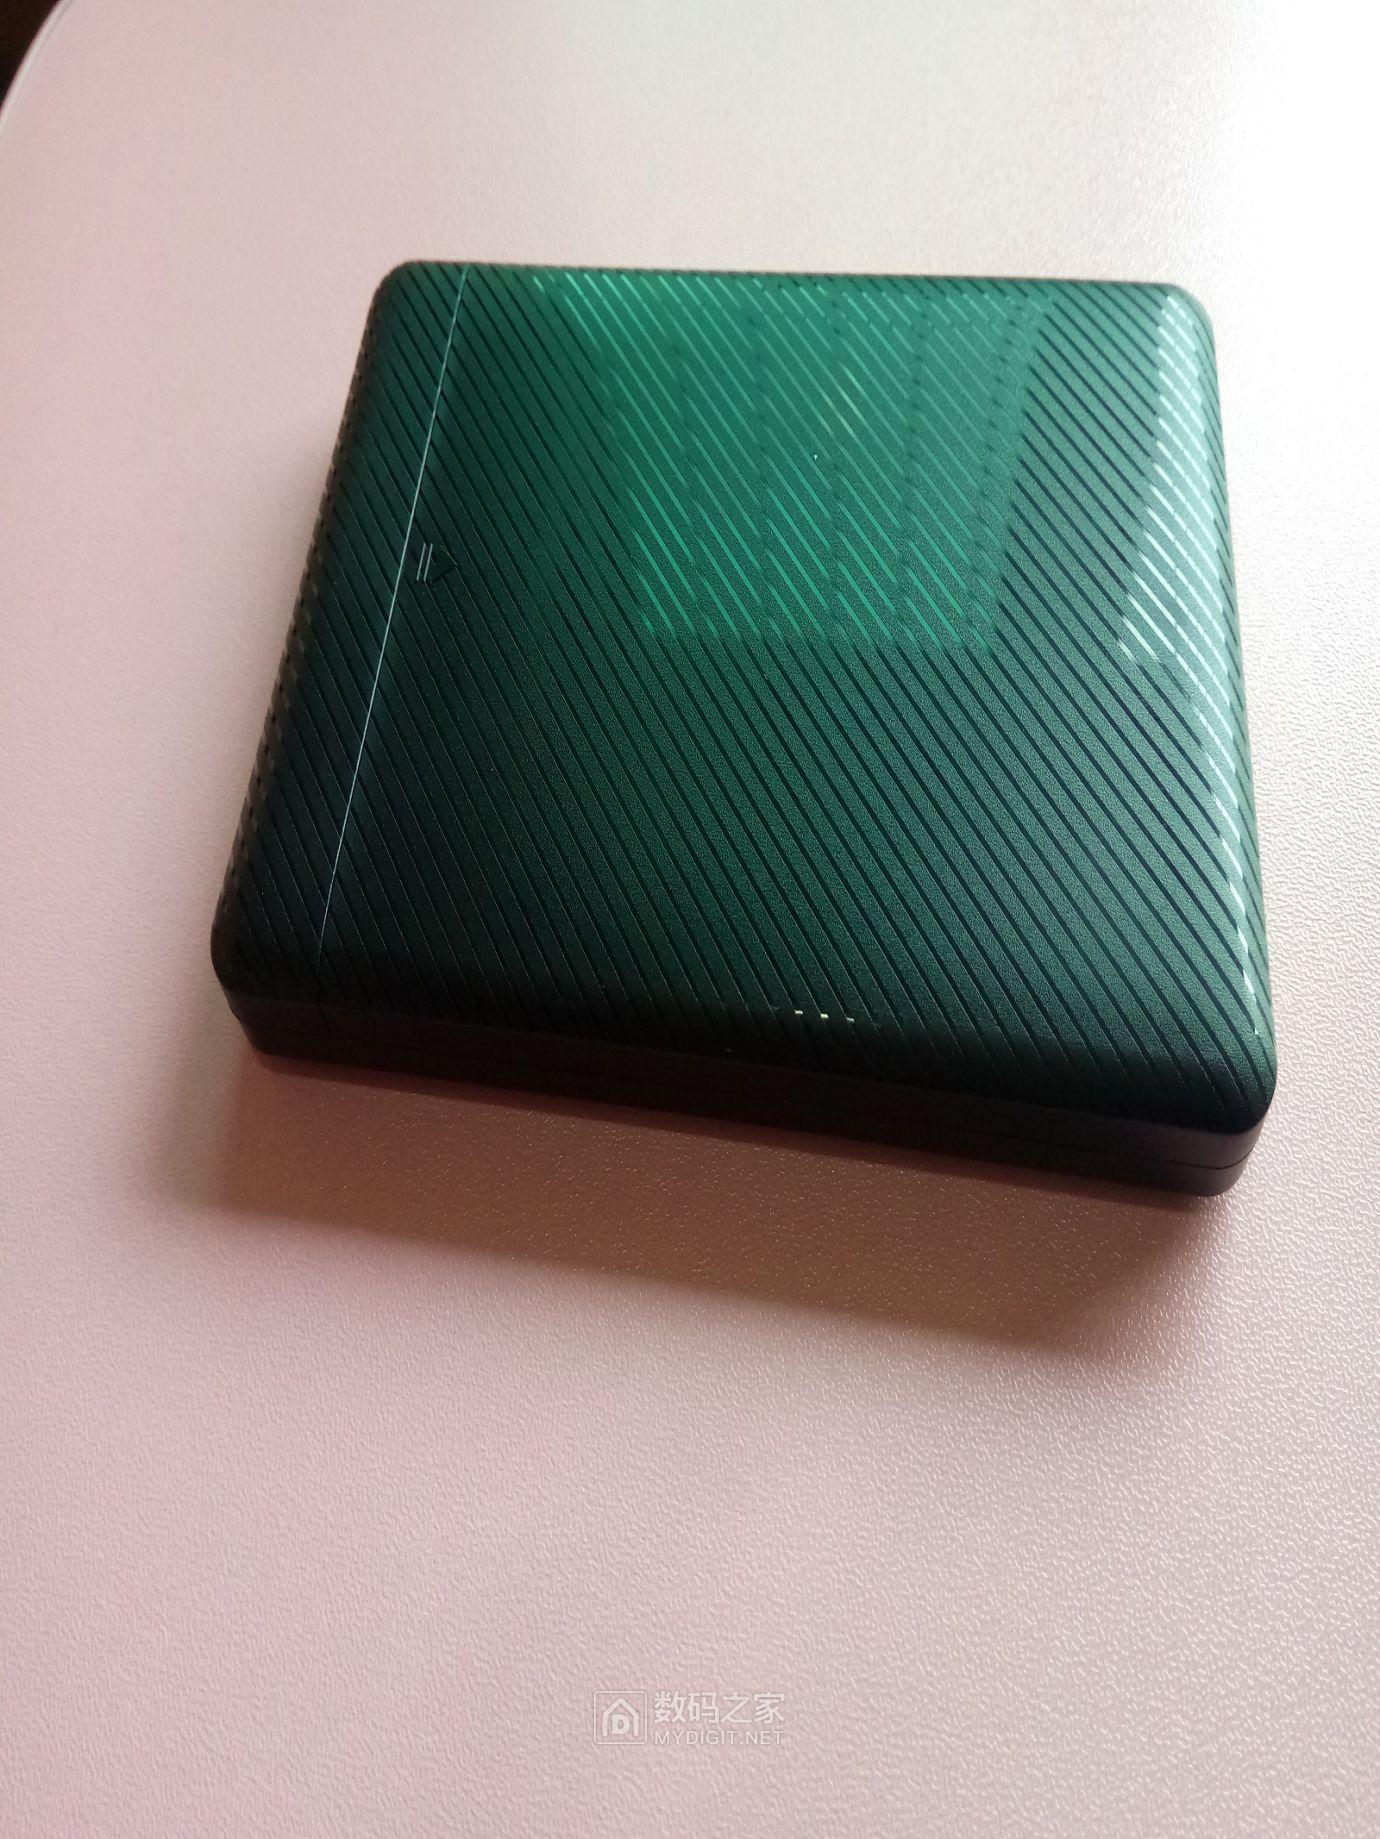 硬盘盒背面2.jpg